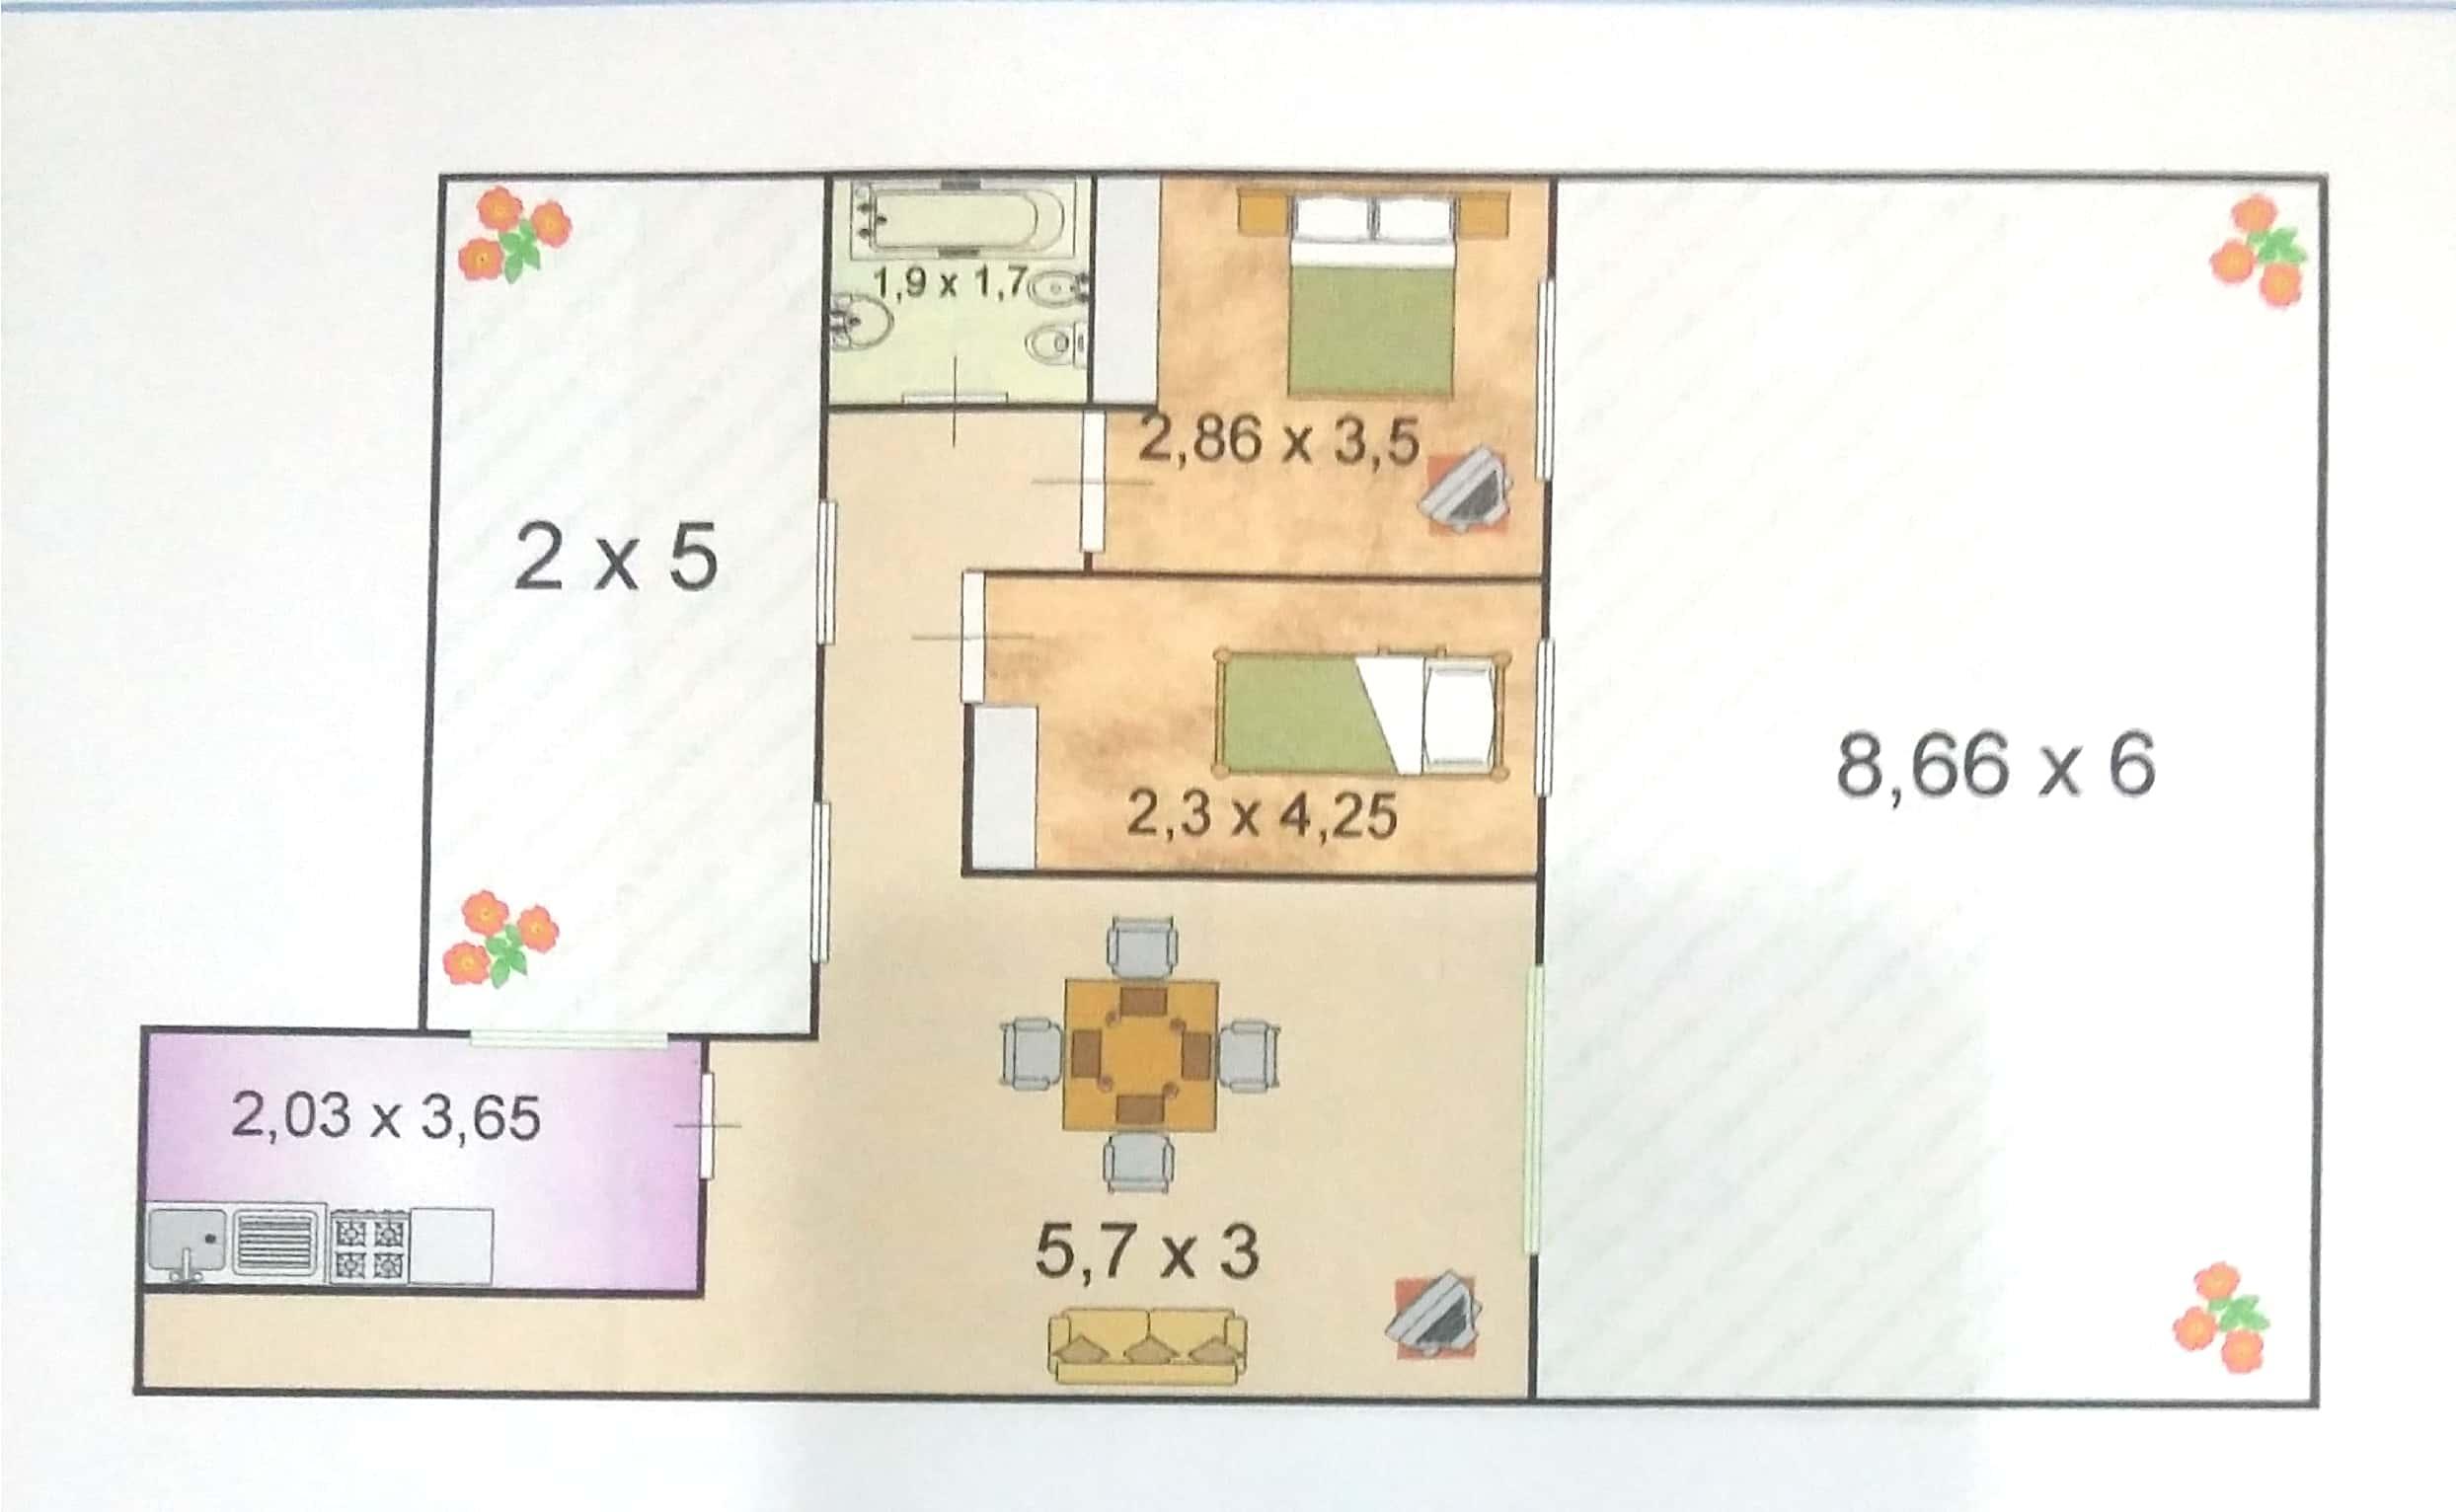 Dpto T/casa 3 Amb C/Fondo Uf3